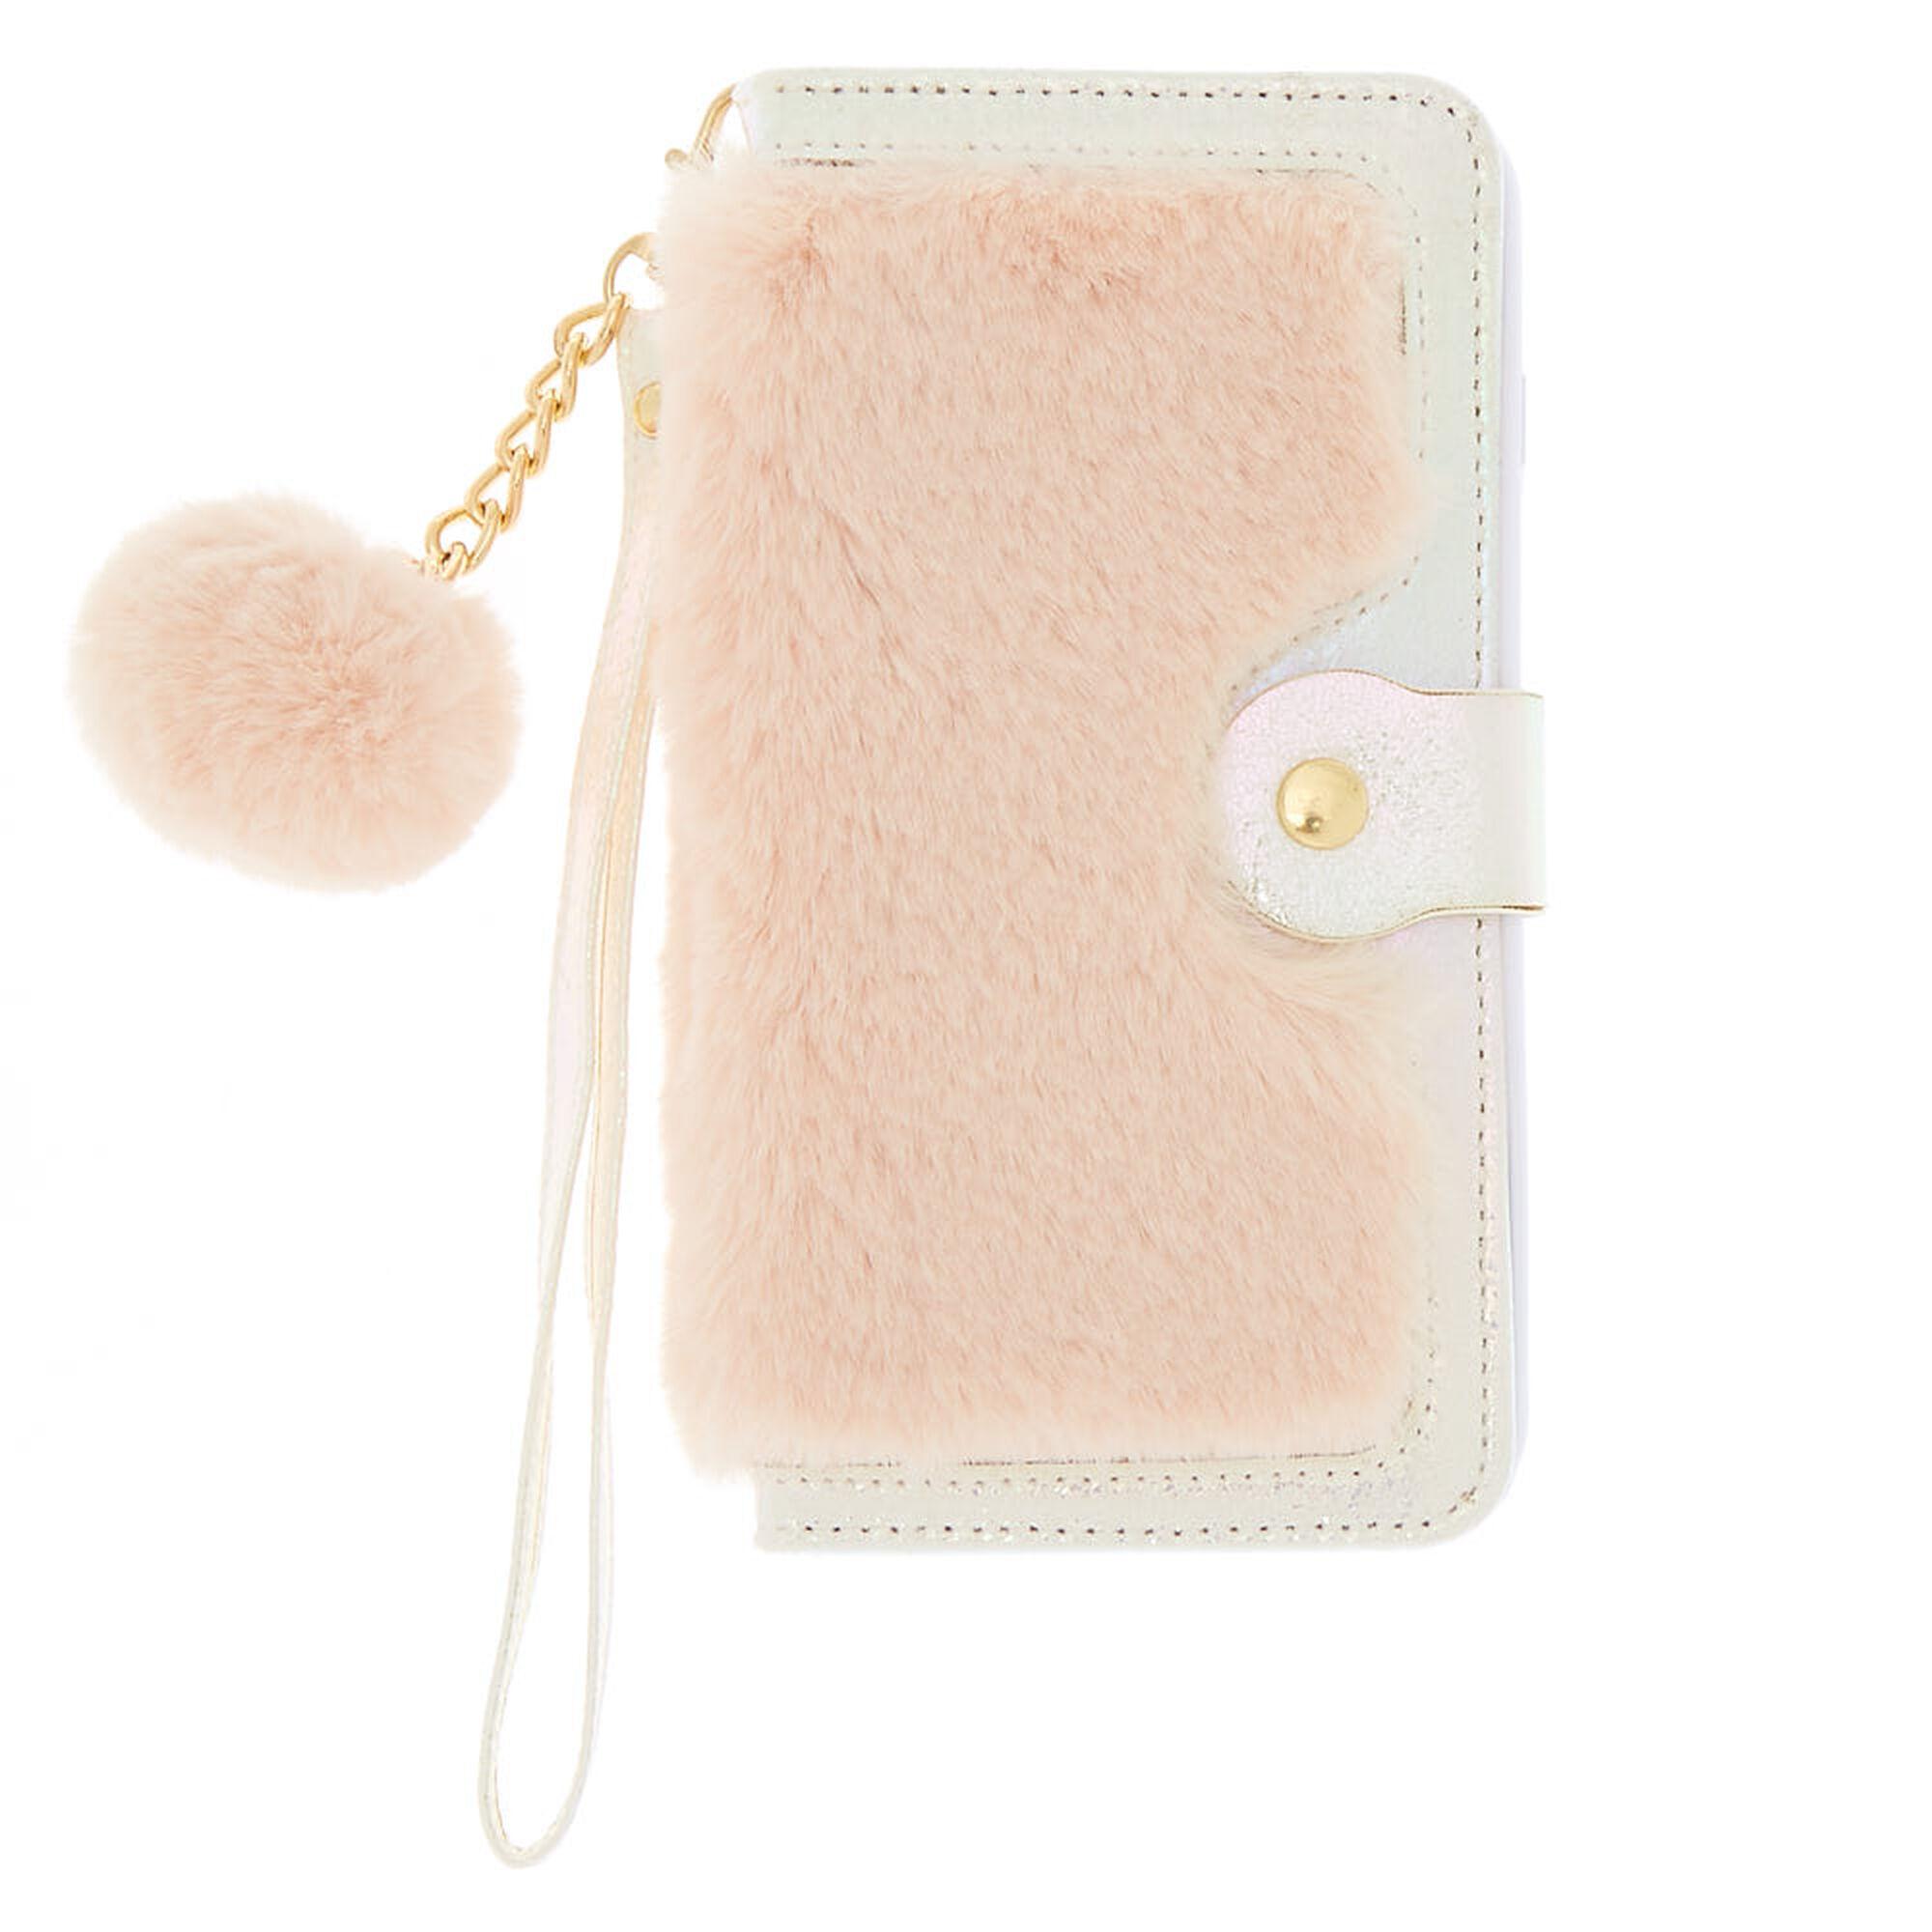 buy popular 3da8a 7819f Blush Faux Fur Folio Phone Case - Fits iPhone 6/7/8 Plus